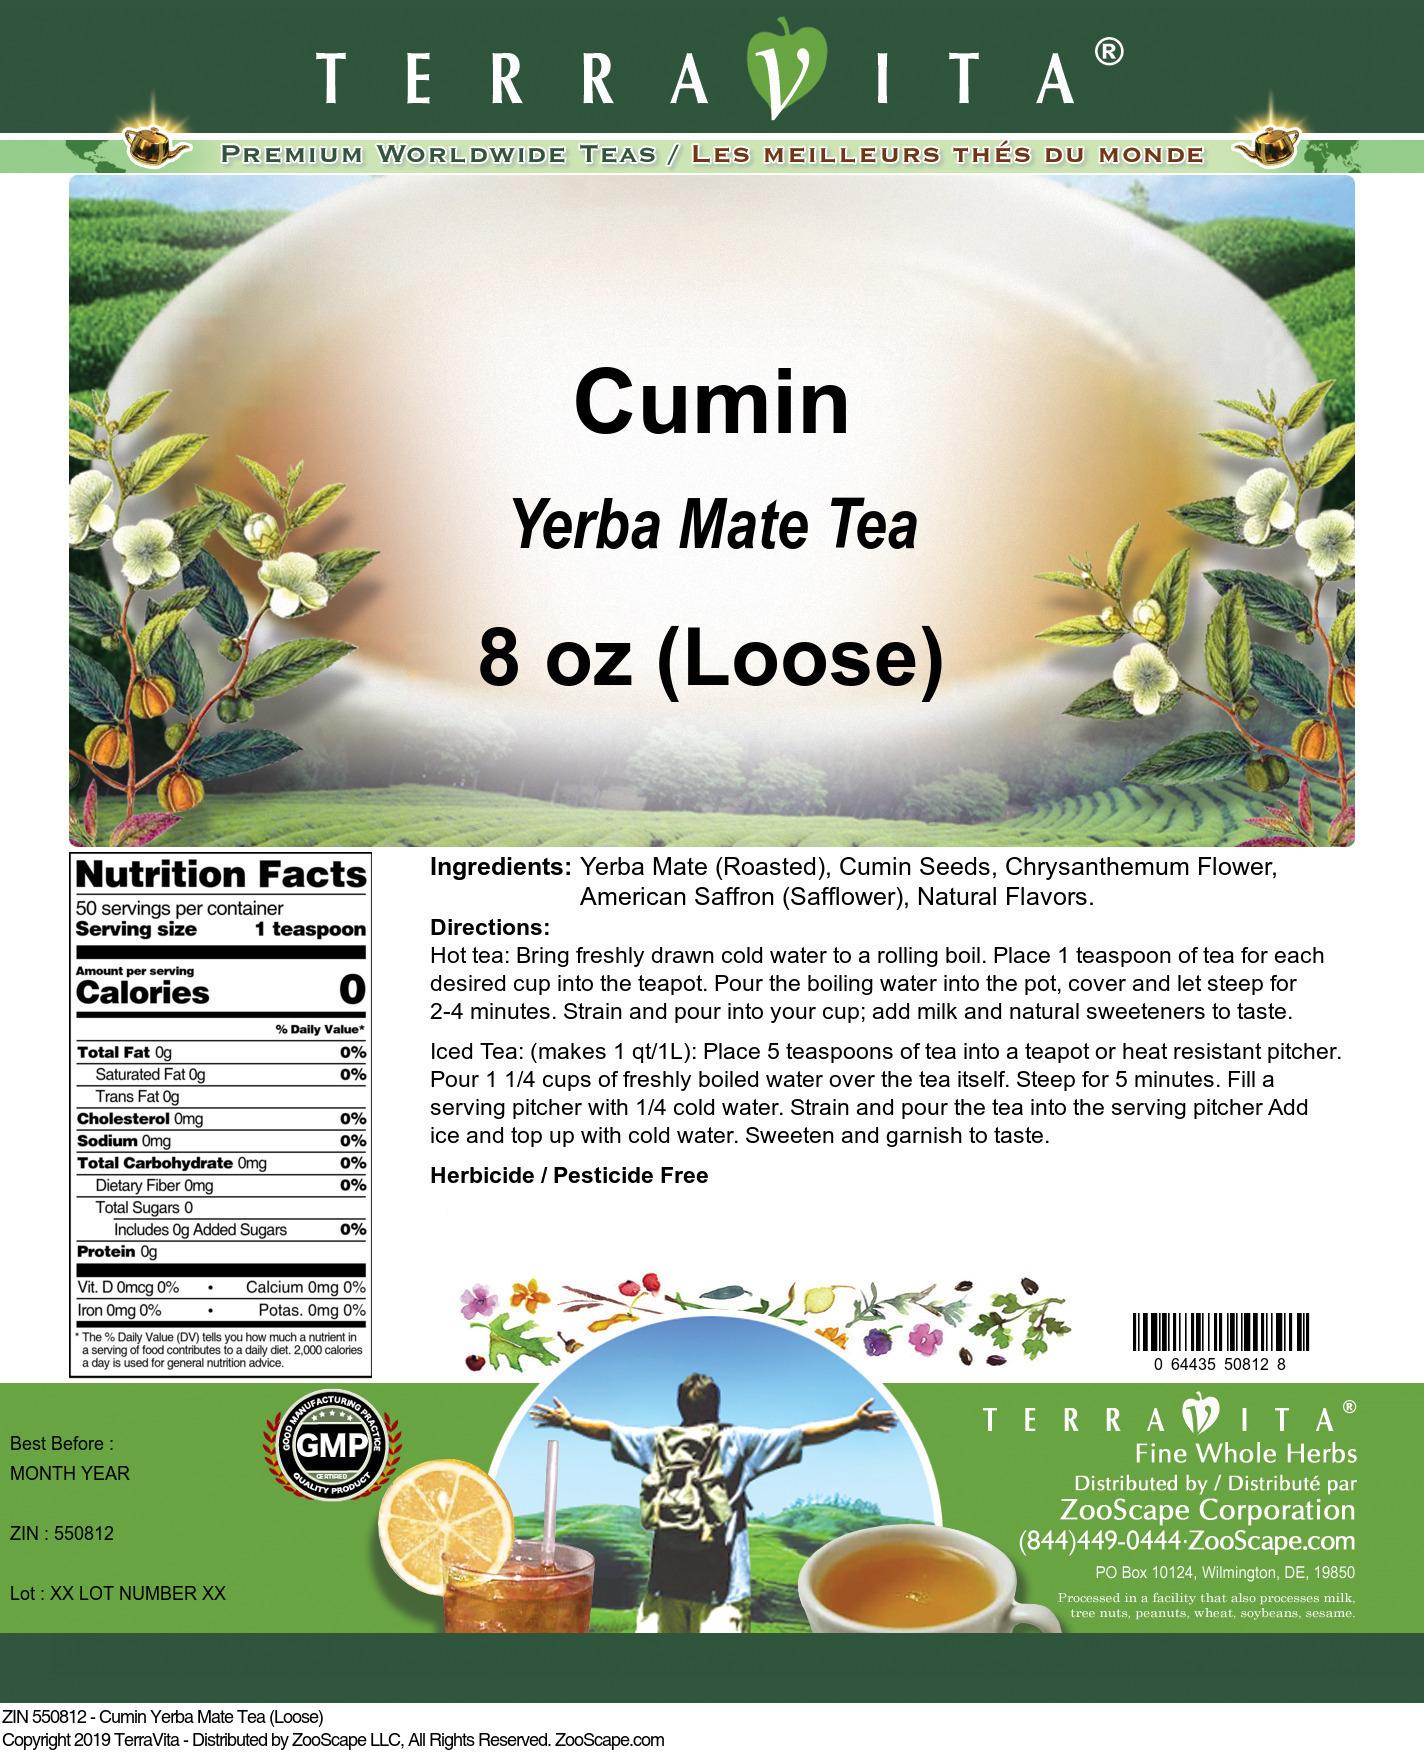 Cumin Yerba Mate Tea (Loose)